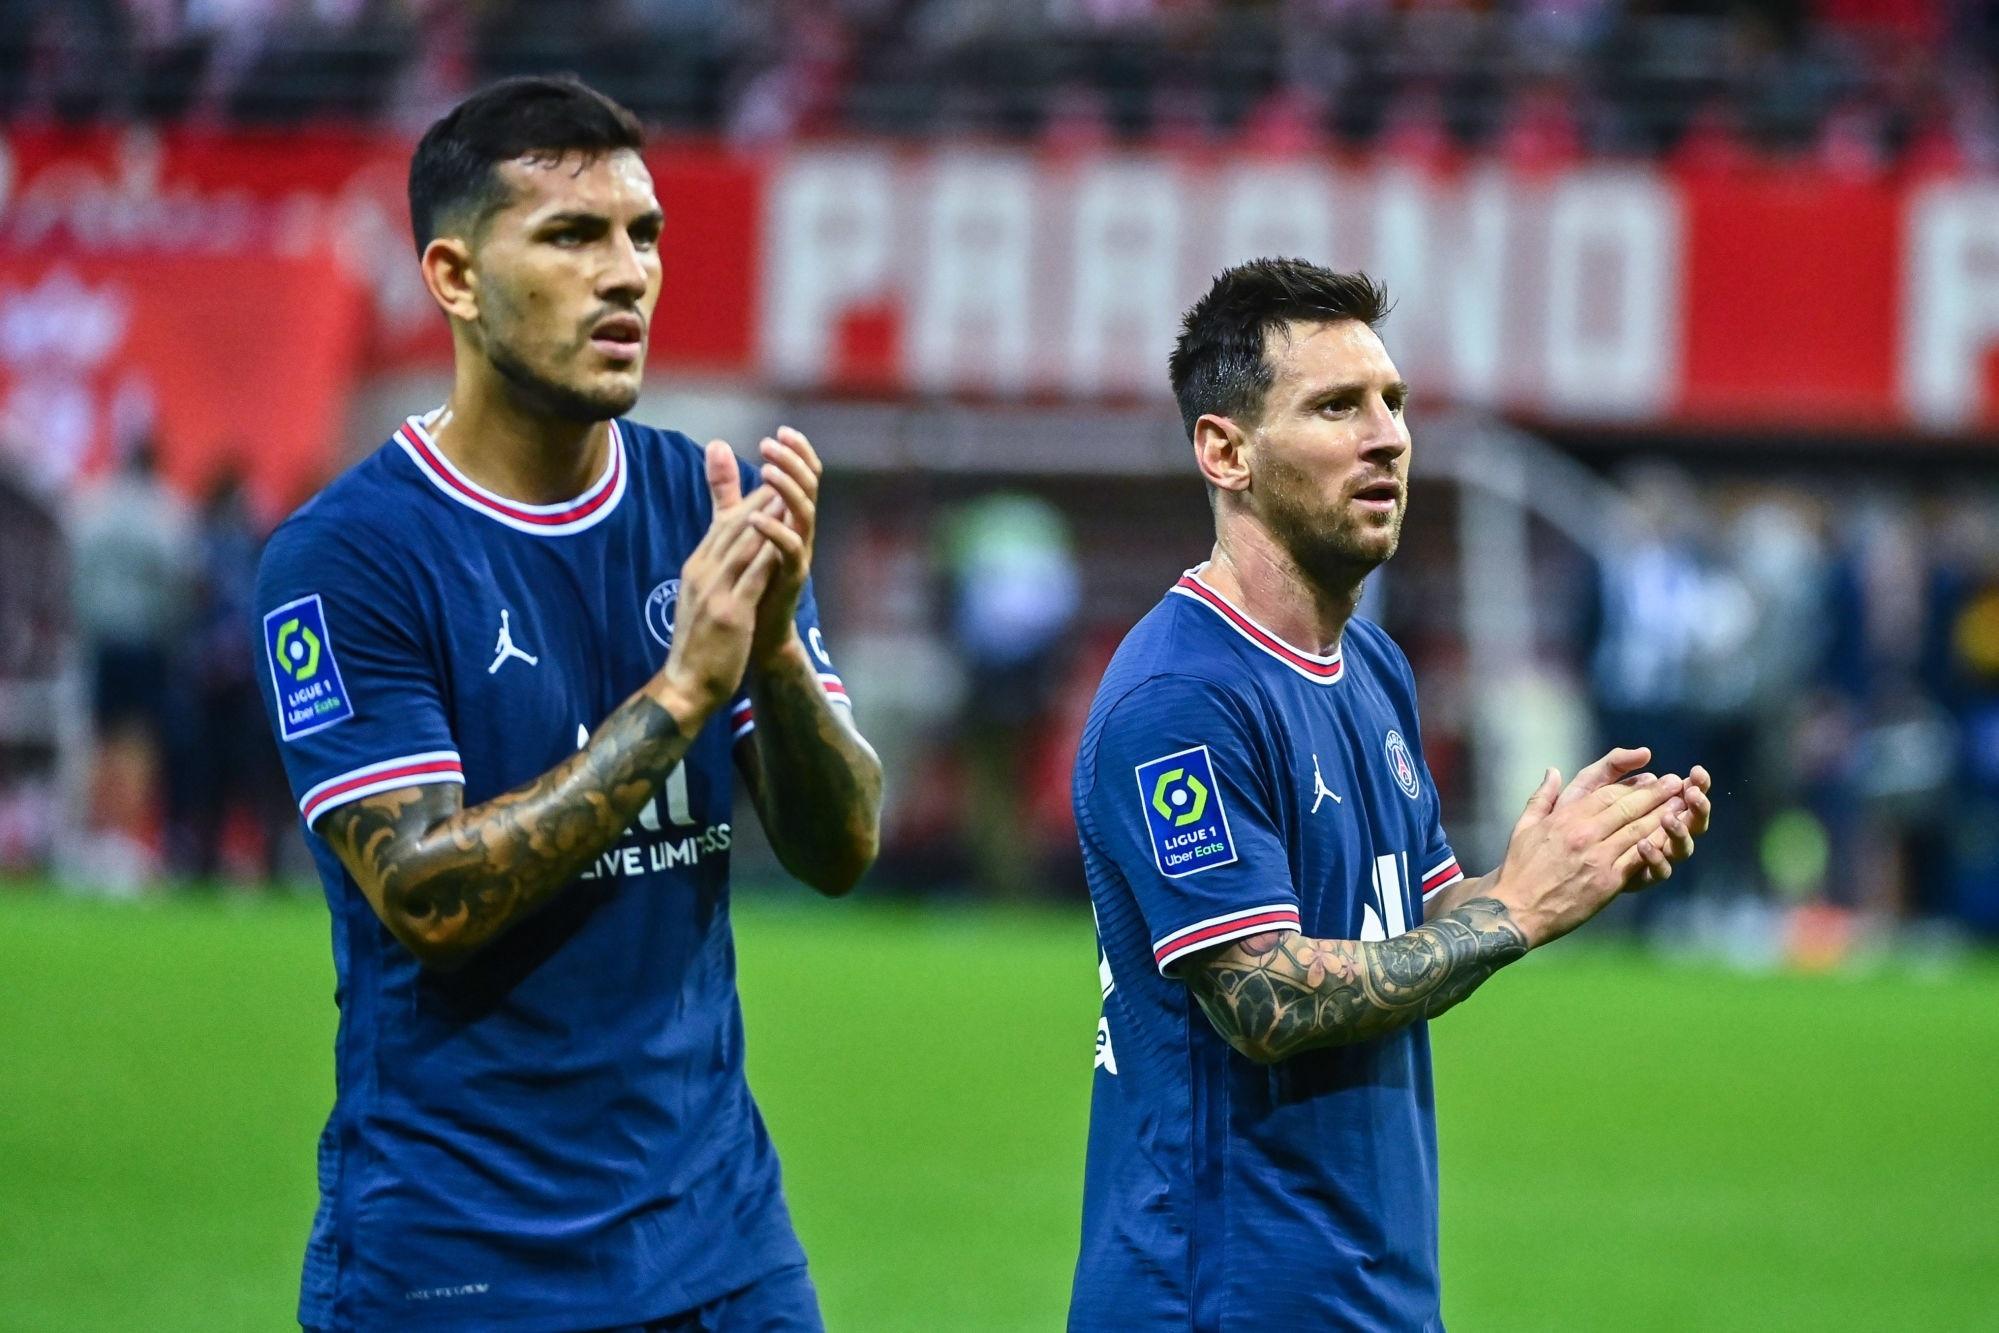 Mercato - Le PSG voudrait prolonger le contrat de Paredes